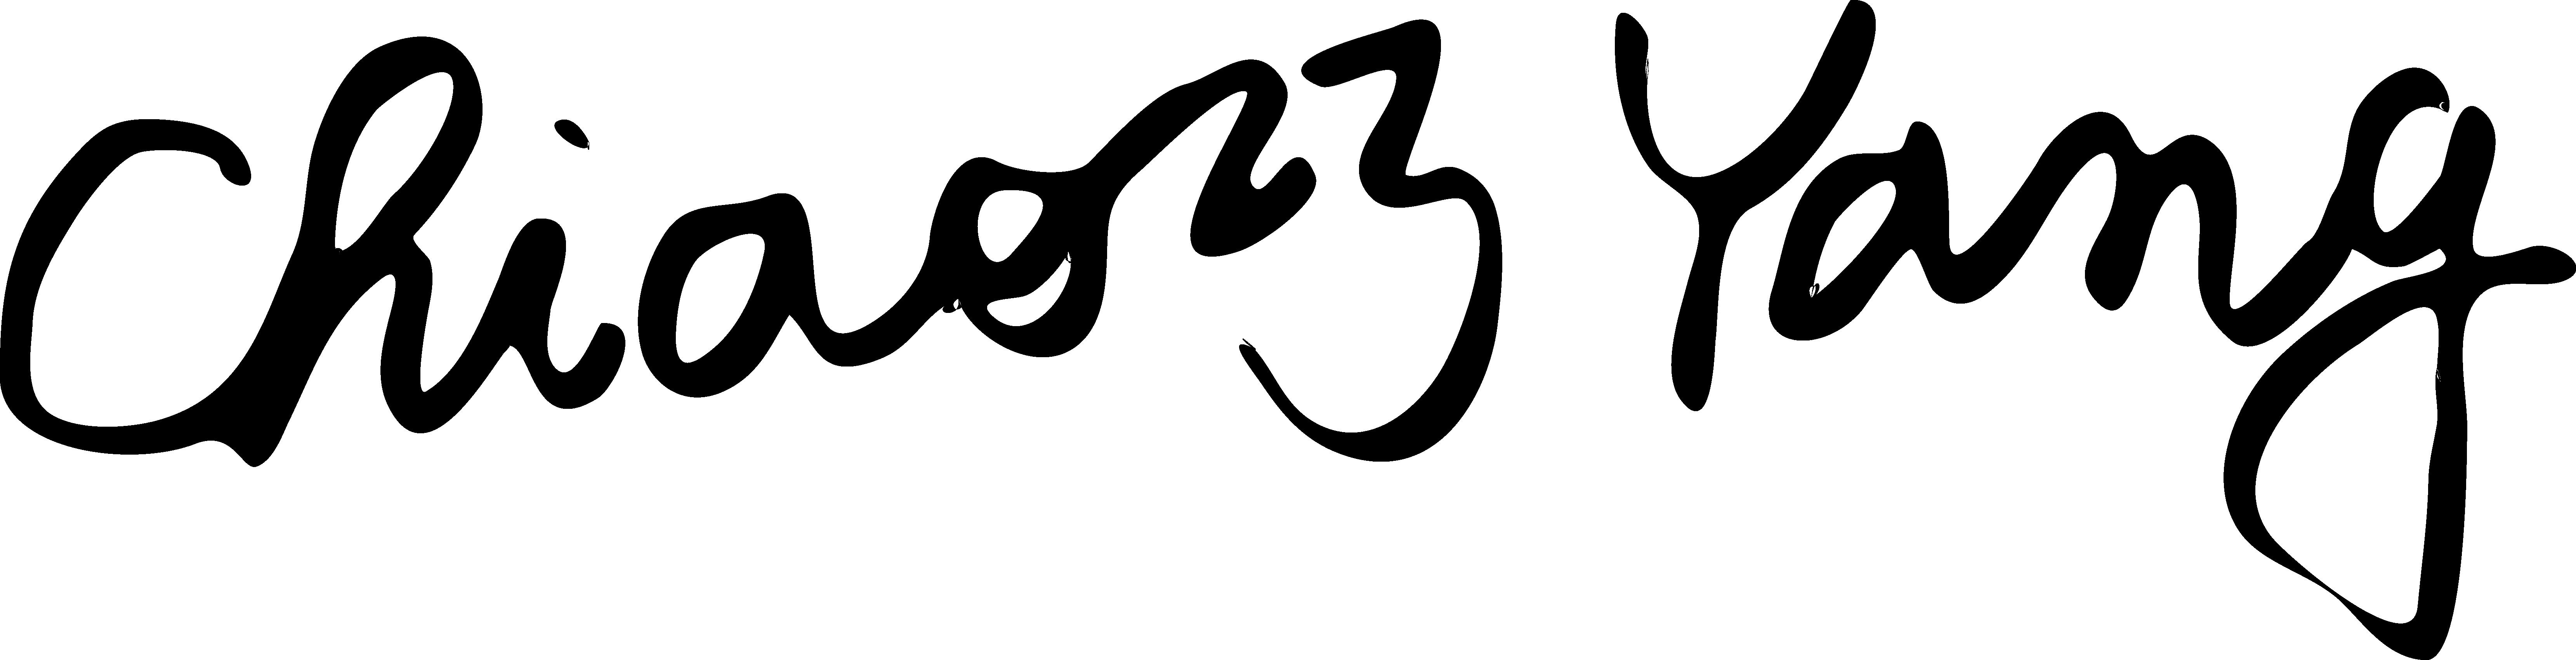 Chiao-Chiao Yang Signature